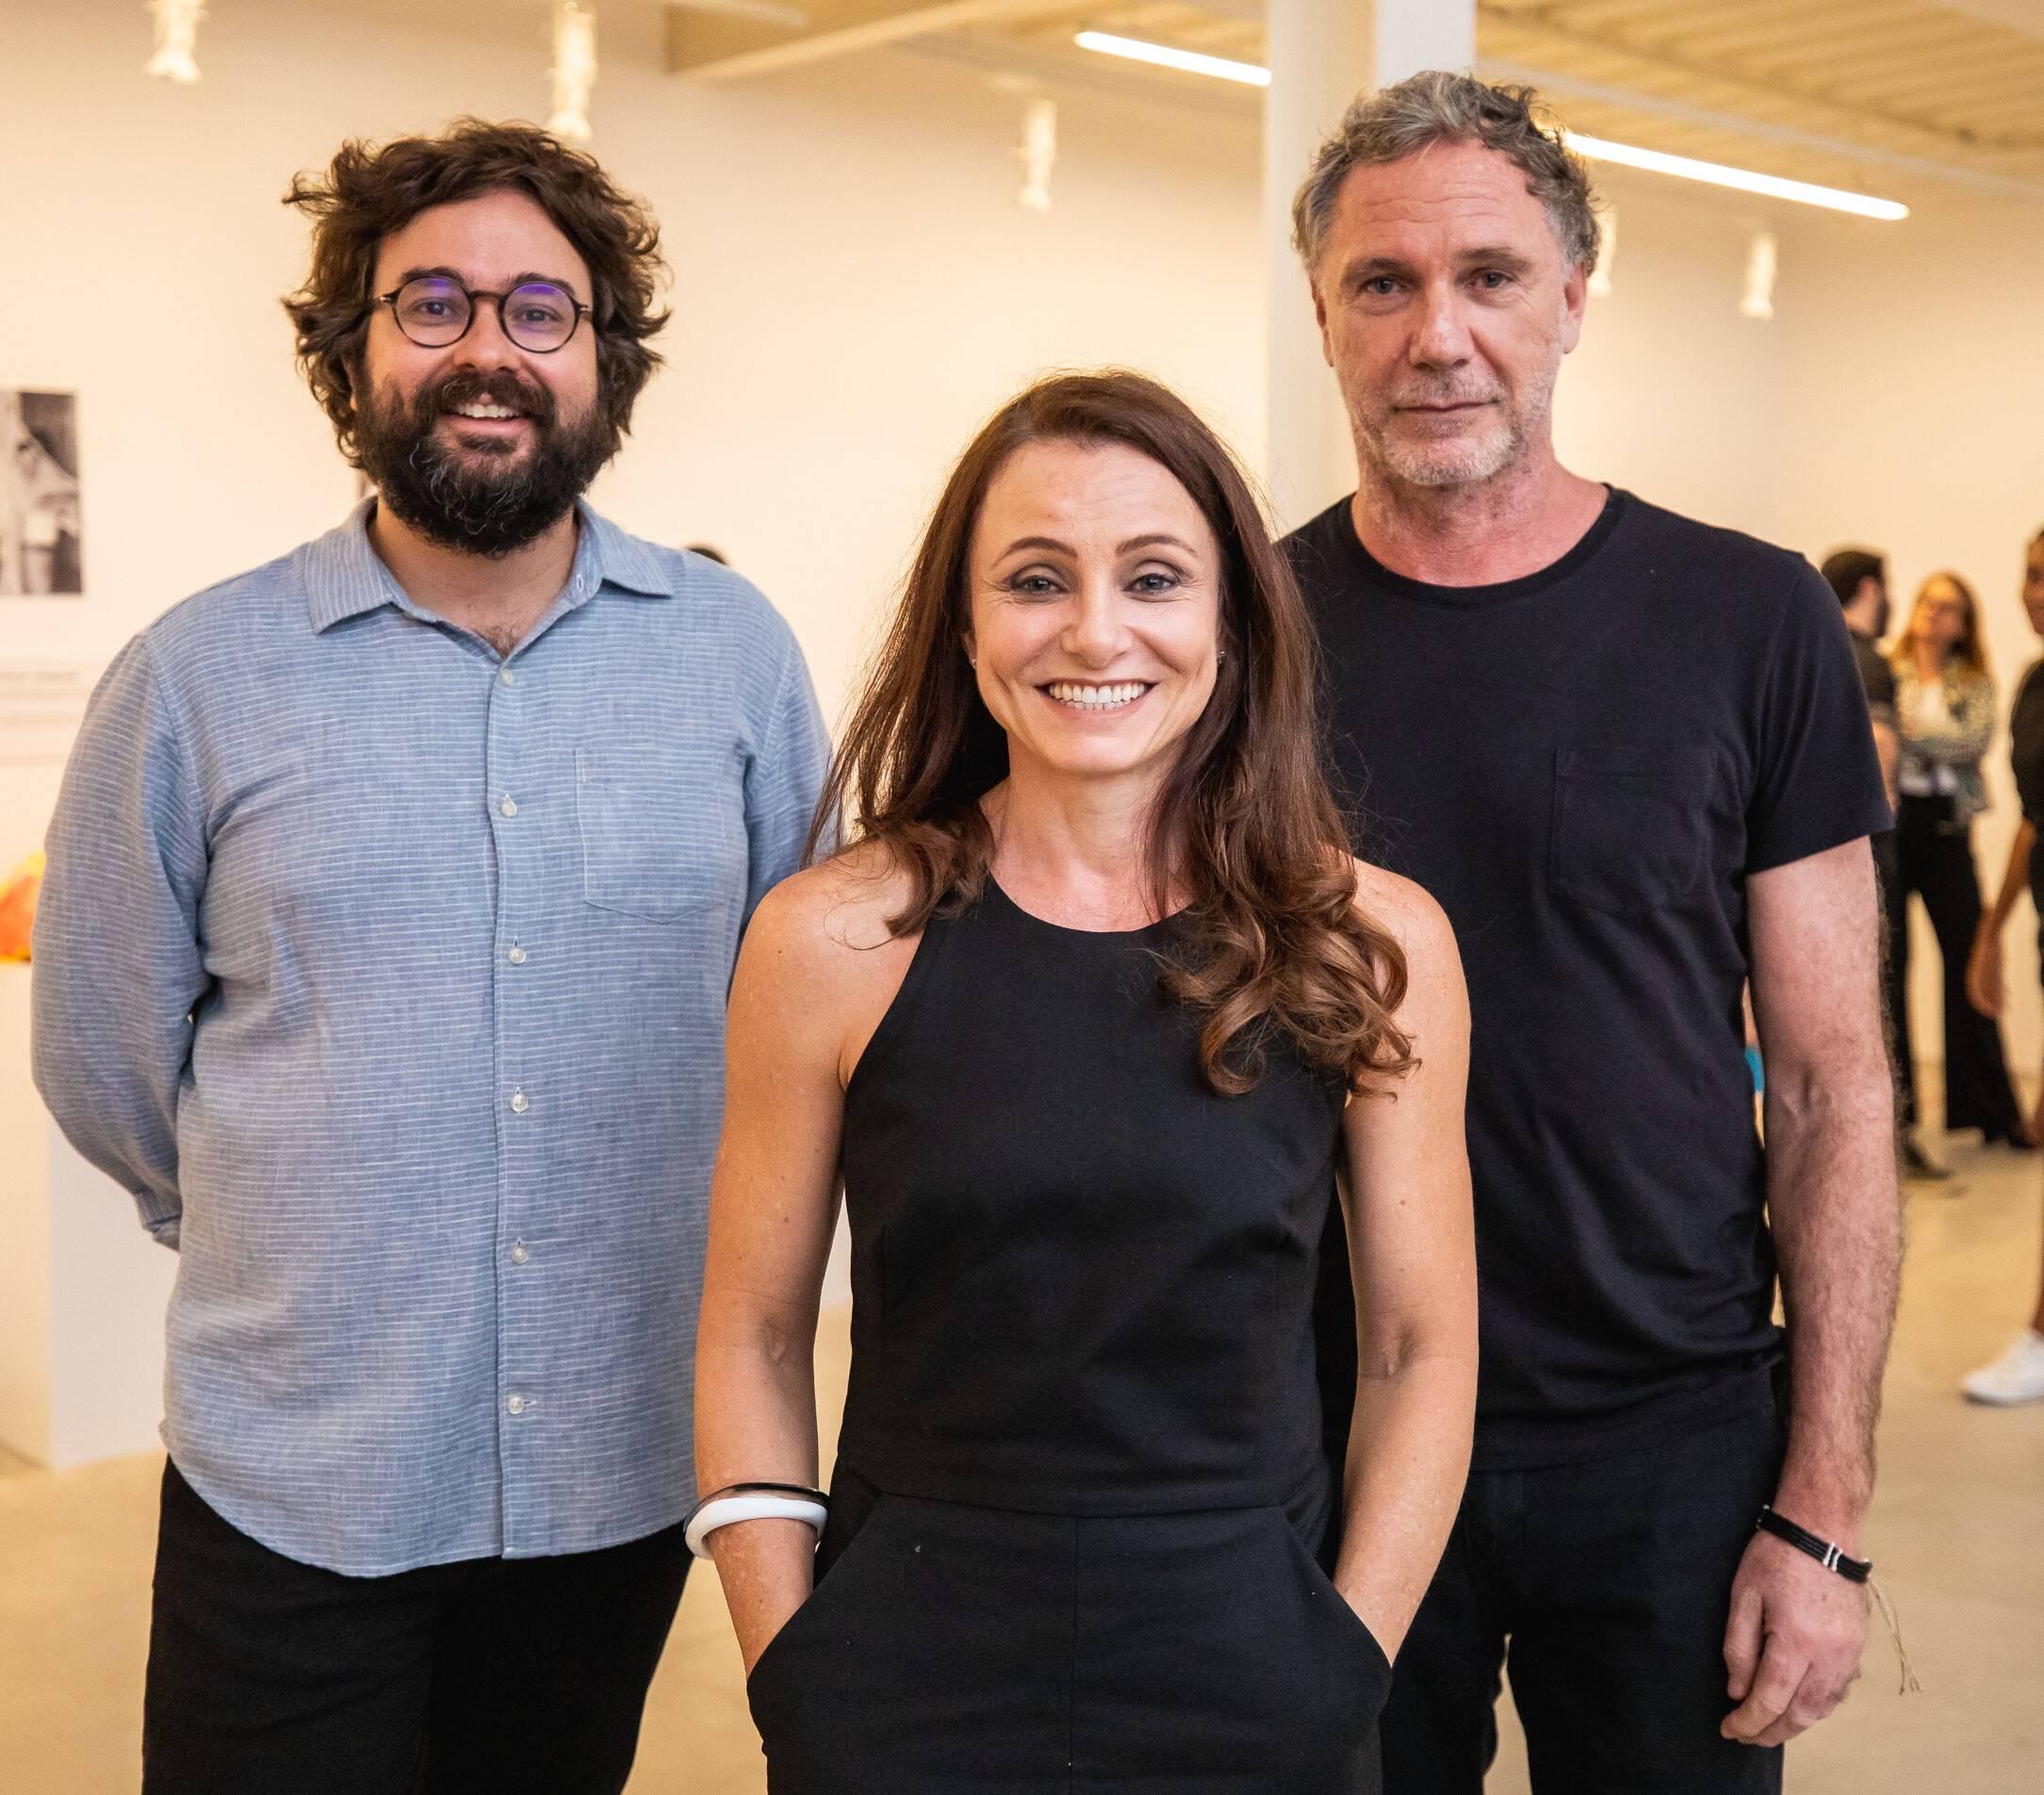 Felipe Scovino, Carolyna Aguiar e Oskar Metsavaht  /Foto: Luke Garcia